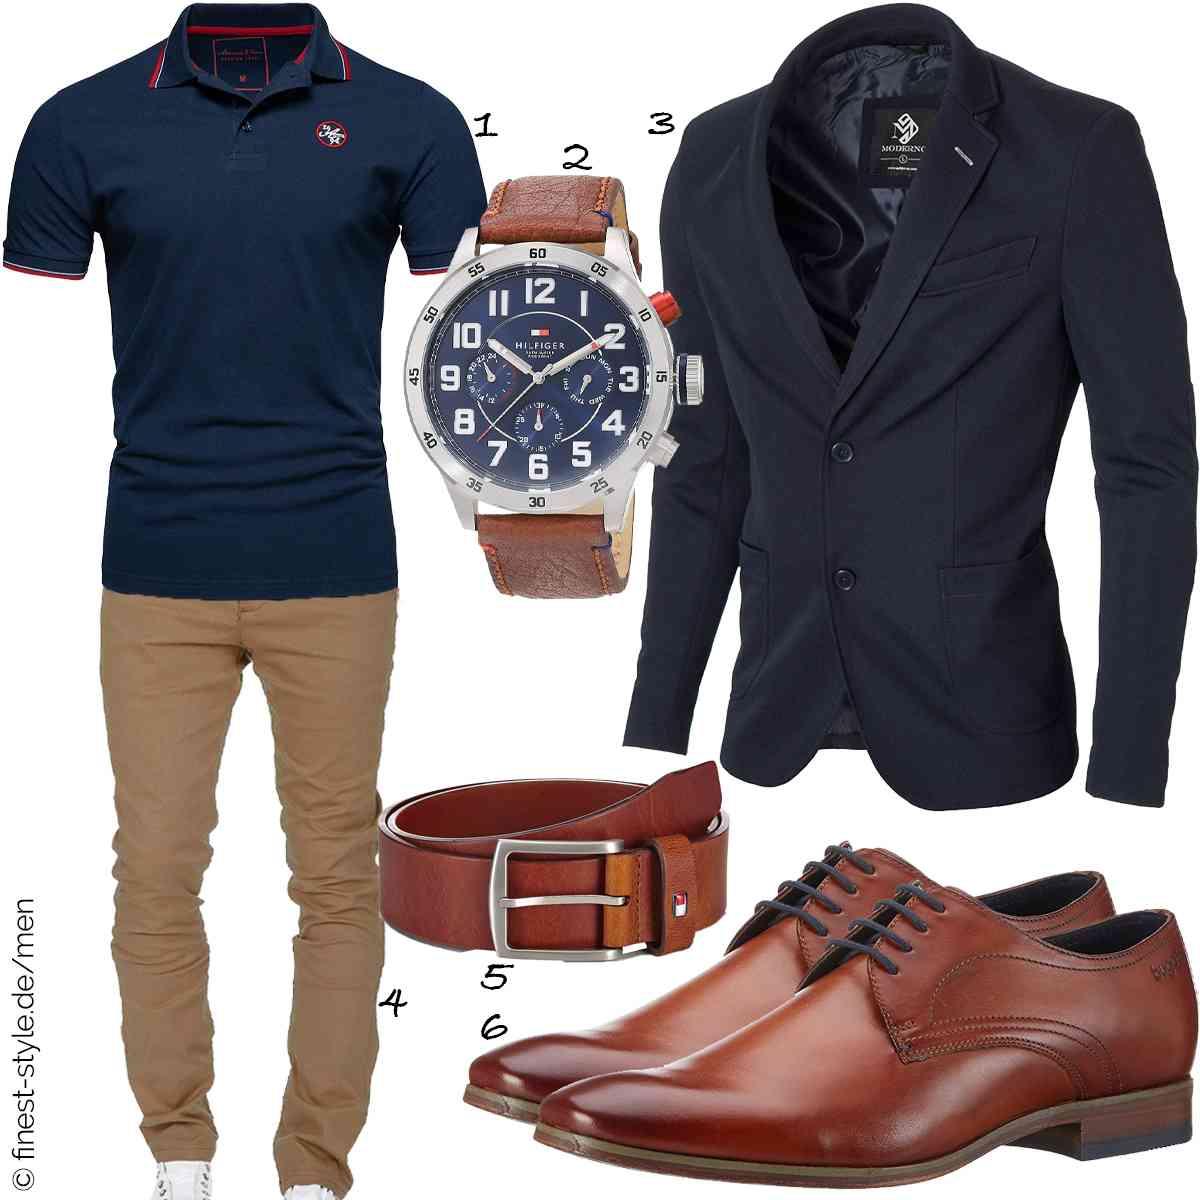 Top Herren-Outfit im Finest-Trend-Style für ein selbstbewusstes Modegefühl mit tollen Produkten von Amaci&Sons,Tommy Hilfiger,MODERNO,Amaci&Sons,Tommy Hilfiger,Bugatti